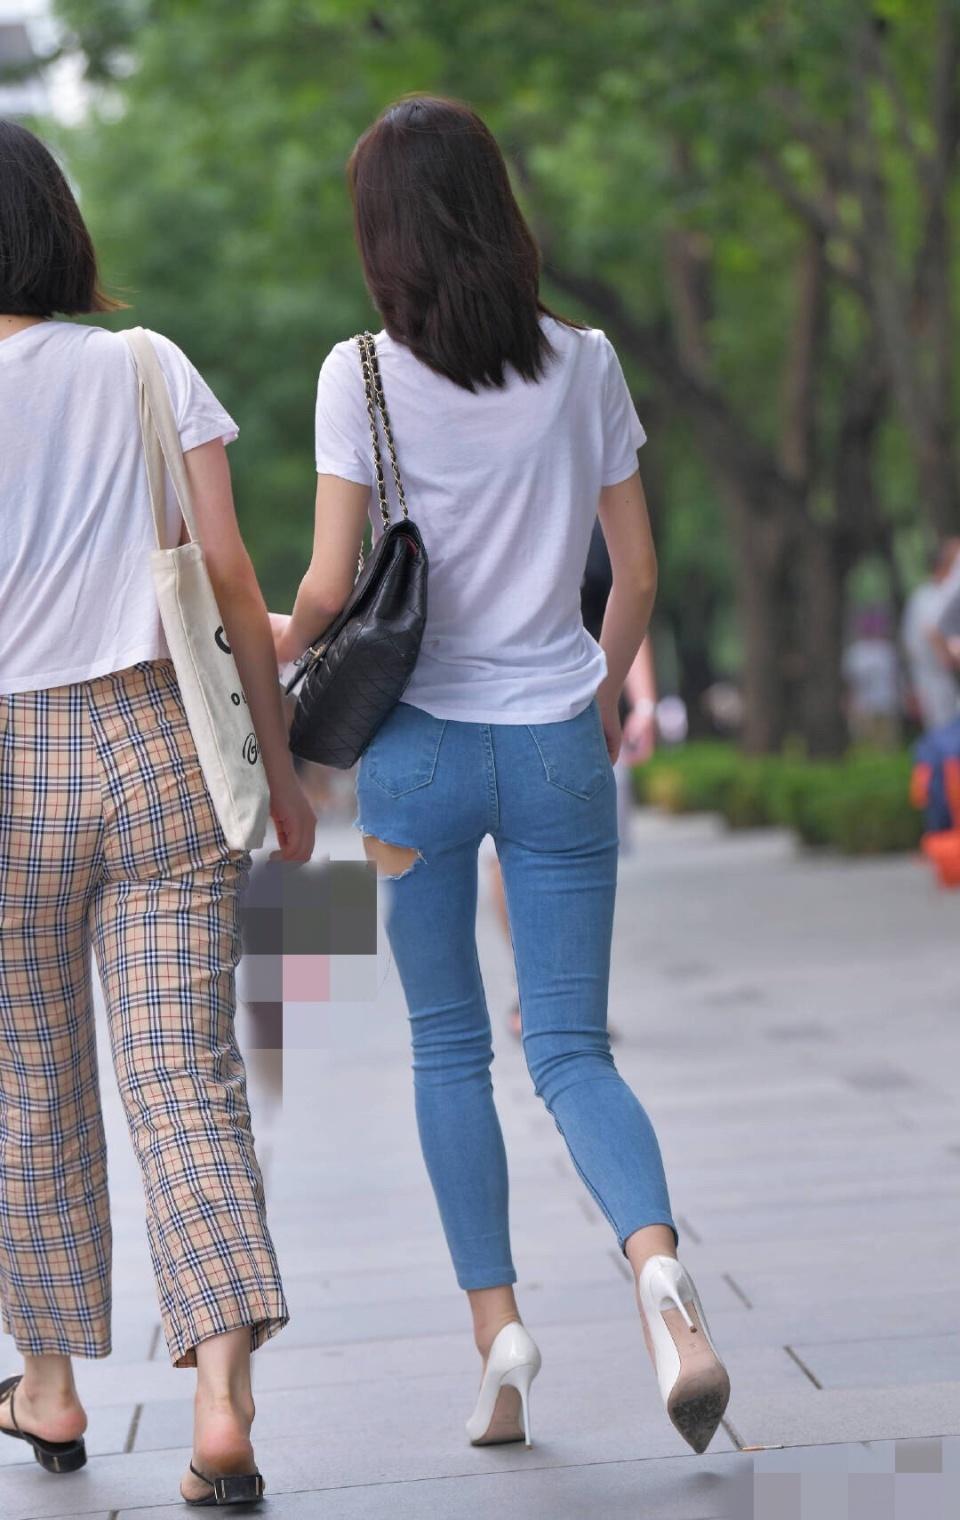 街拍:小姐姐感觉牛仔裤开个紧身,是为了散热缝隙sm什么还是情趣内衣图片